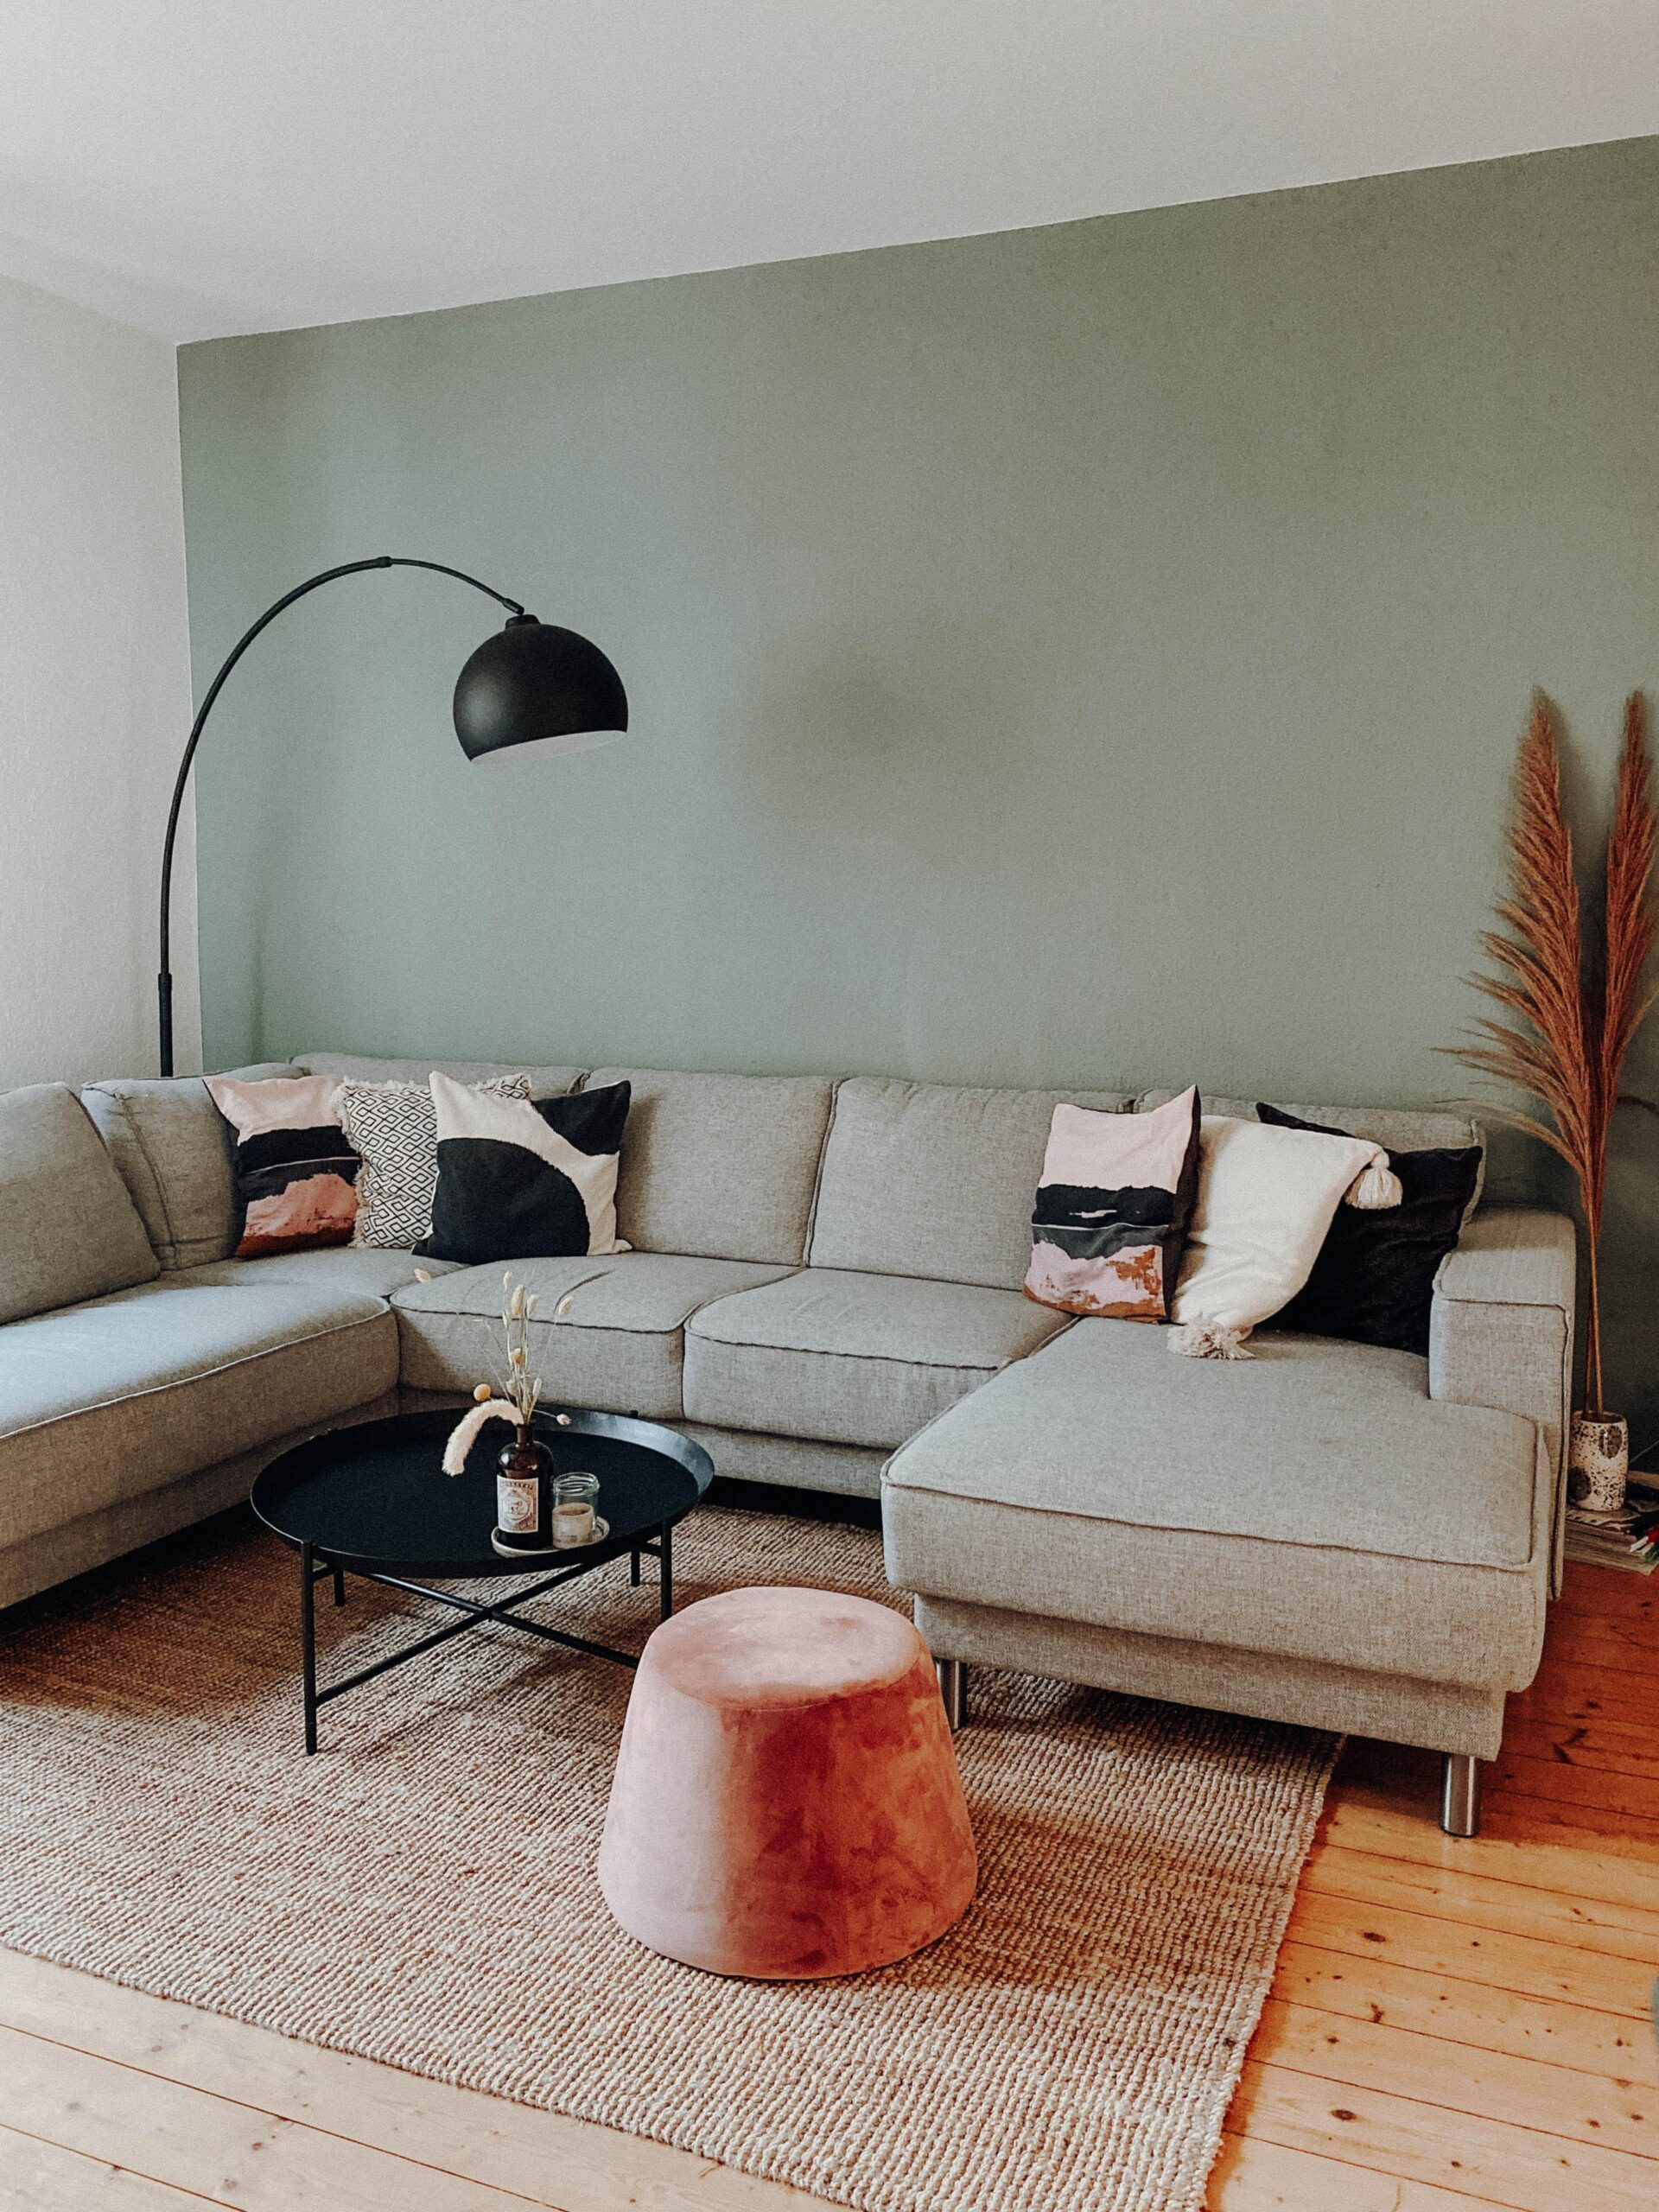 Full Size of Wohnzimmer Ideen Sofa So Findest Du Richtige Couch Frs Großes Bild Hängelampe Deckenlampen Modern Deckenlampe Sessel Deko Lampen Gardine Deckenleuchten Wohnzimmer Wohnzimmer Ideen